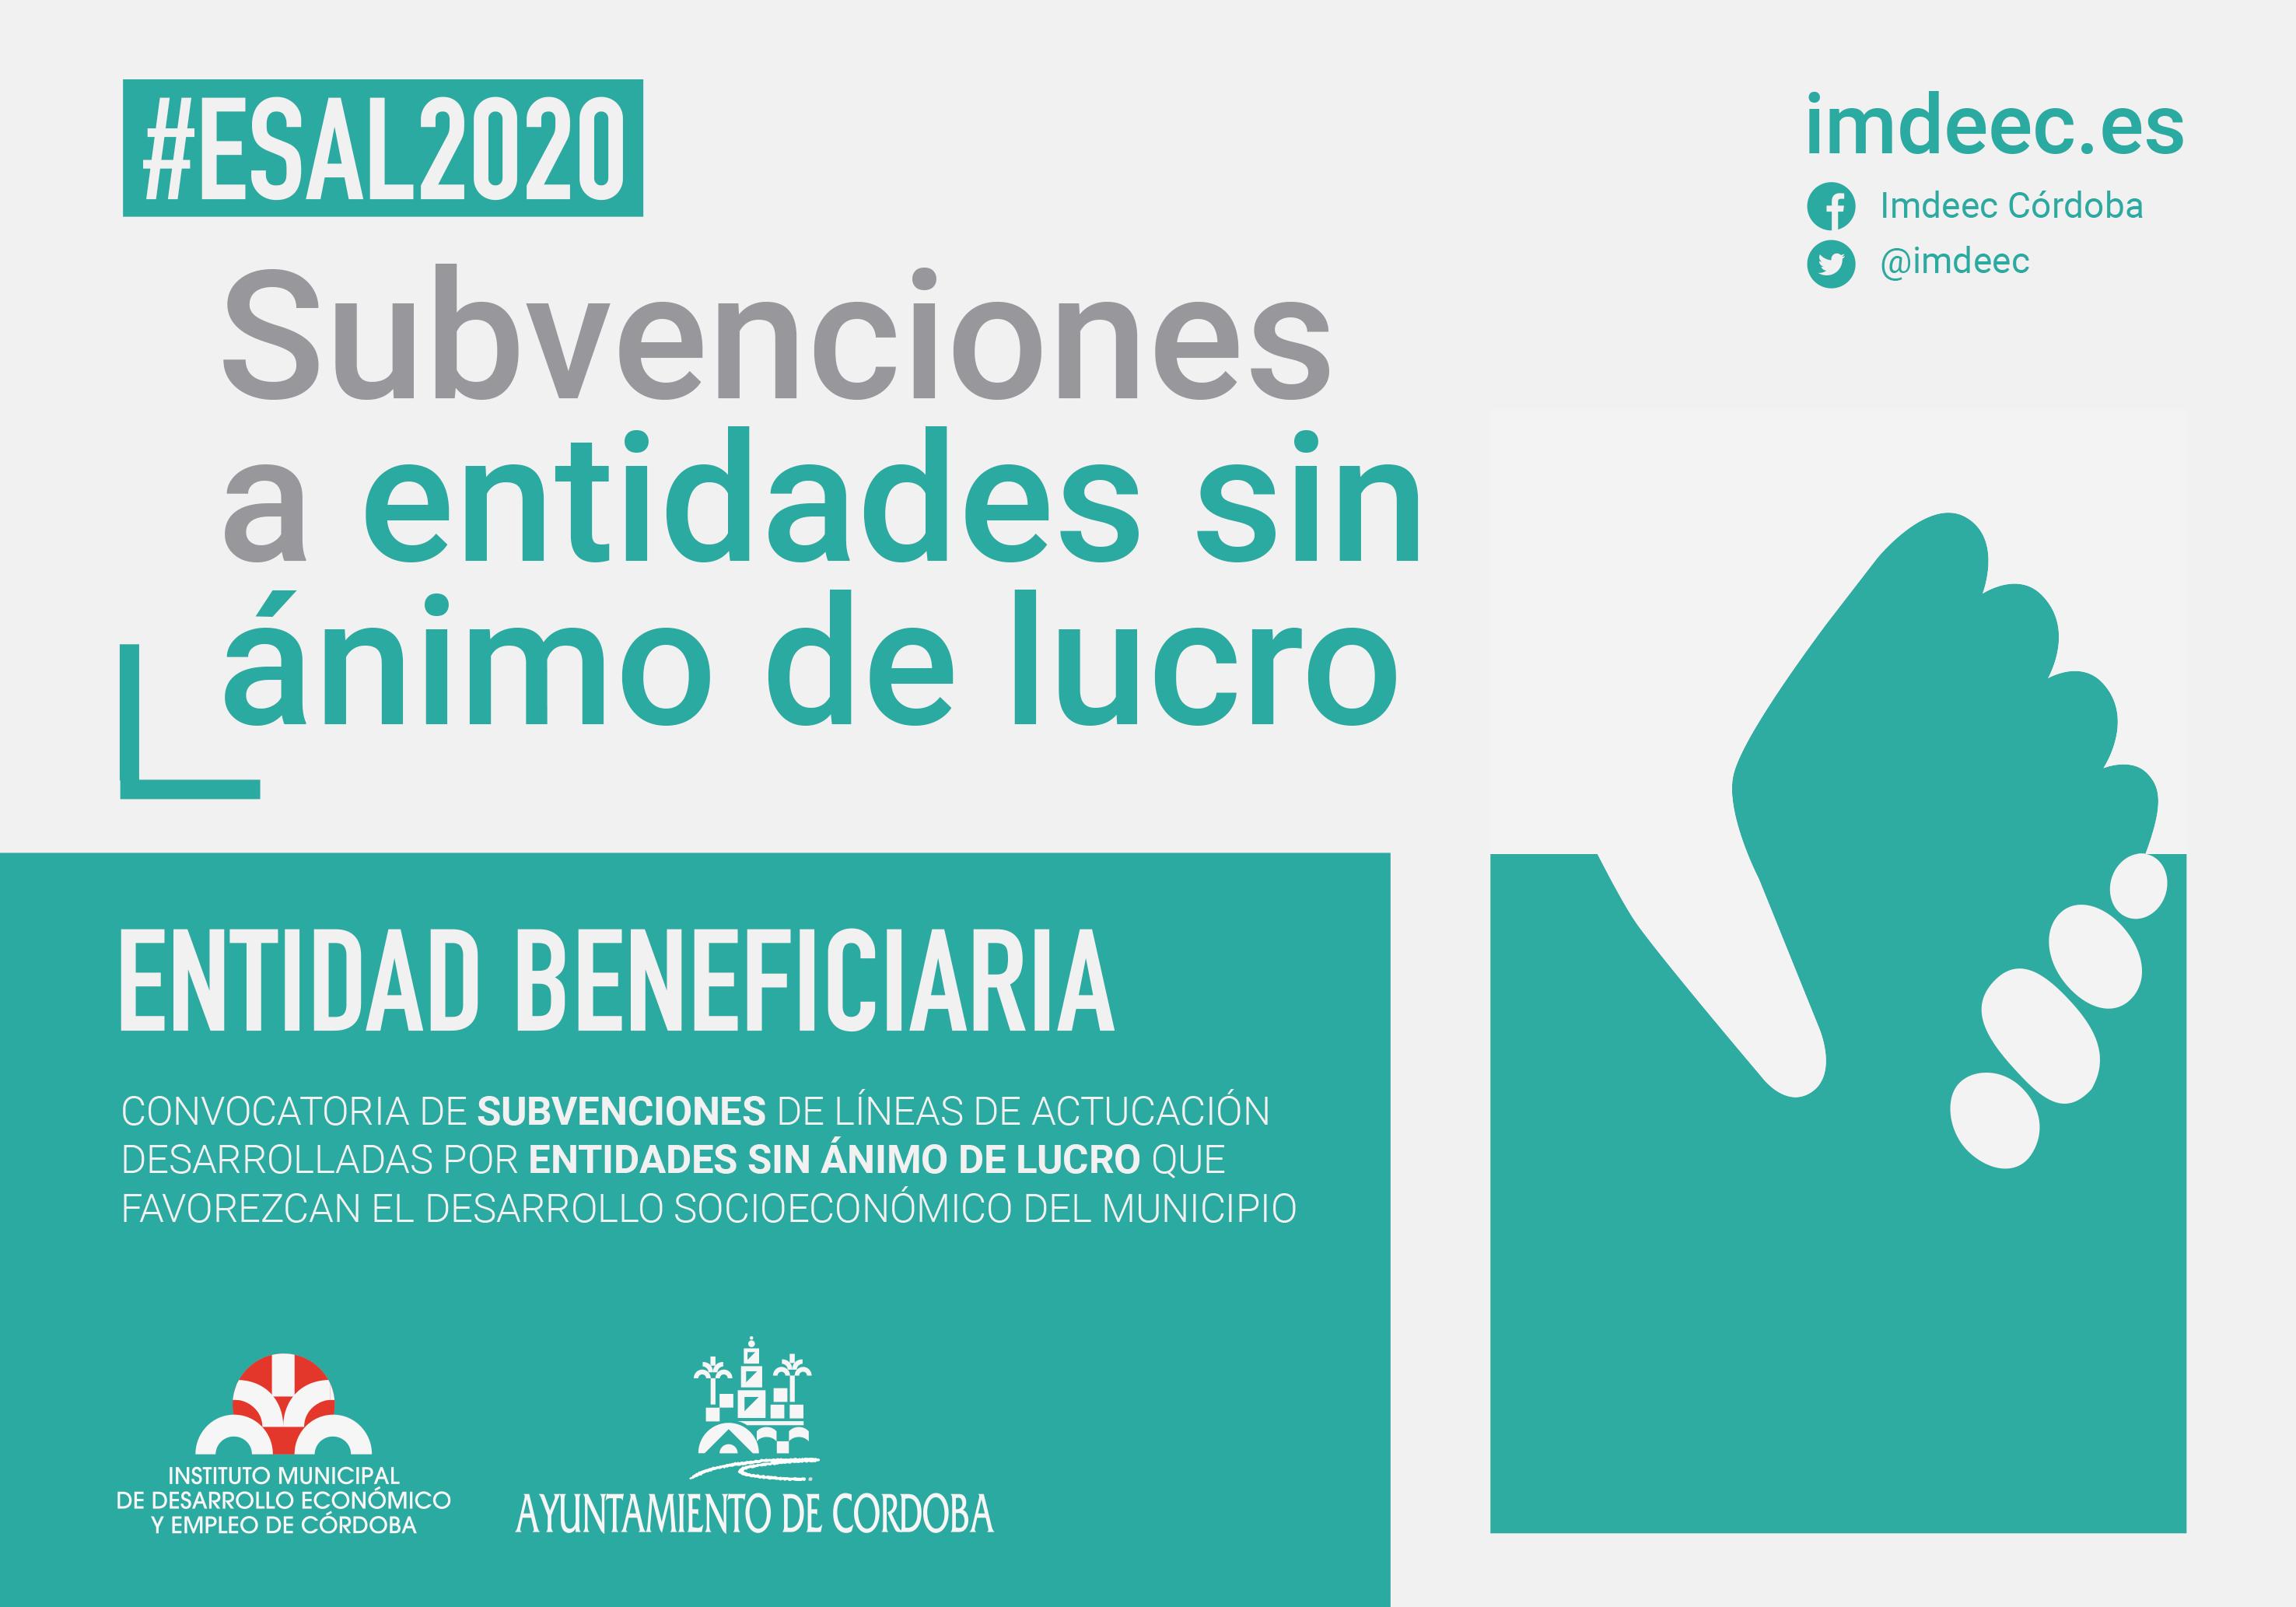 Fundecor es entidad beneficiaria de la convocatoria de subvenciones de líneas de actuación desarrolladas por entidades sin ánimo de lucro que favorecen el desarrollo del municipio